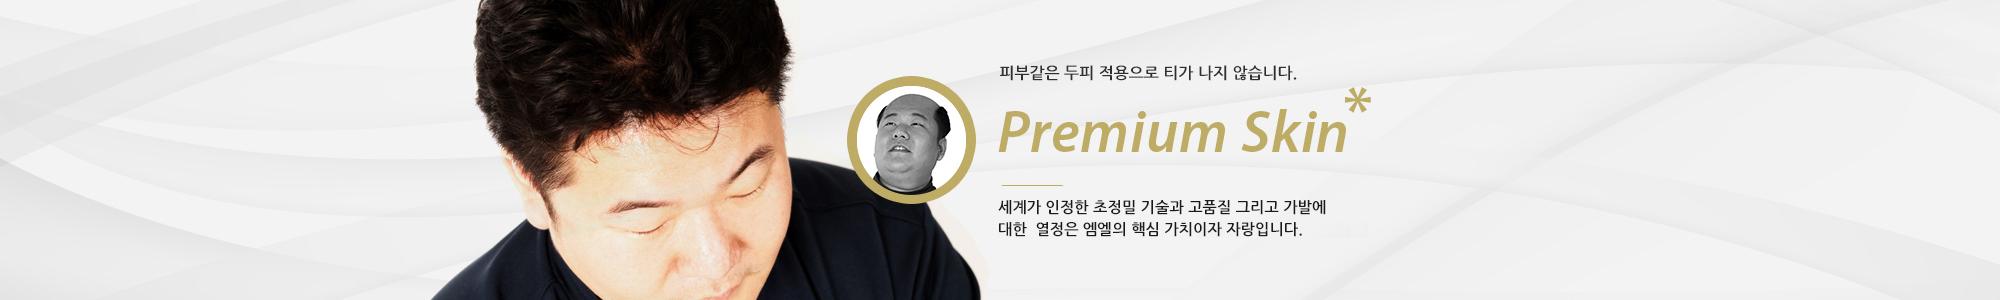 최고의 품질을 자부하는 엠엘아이앤디